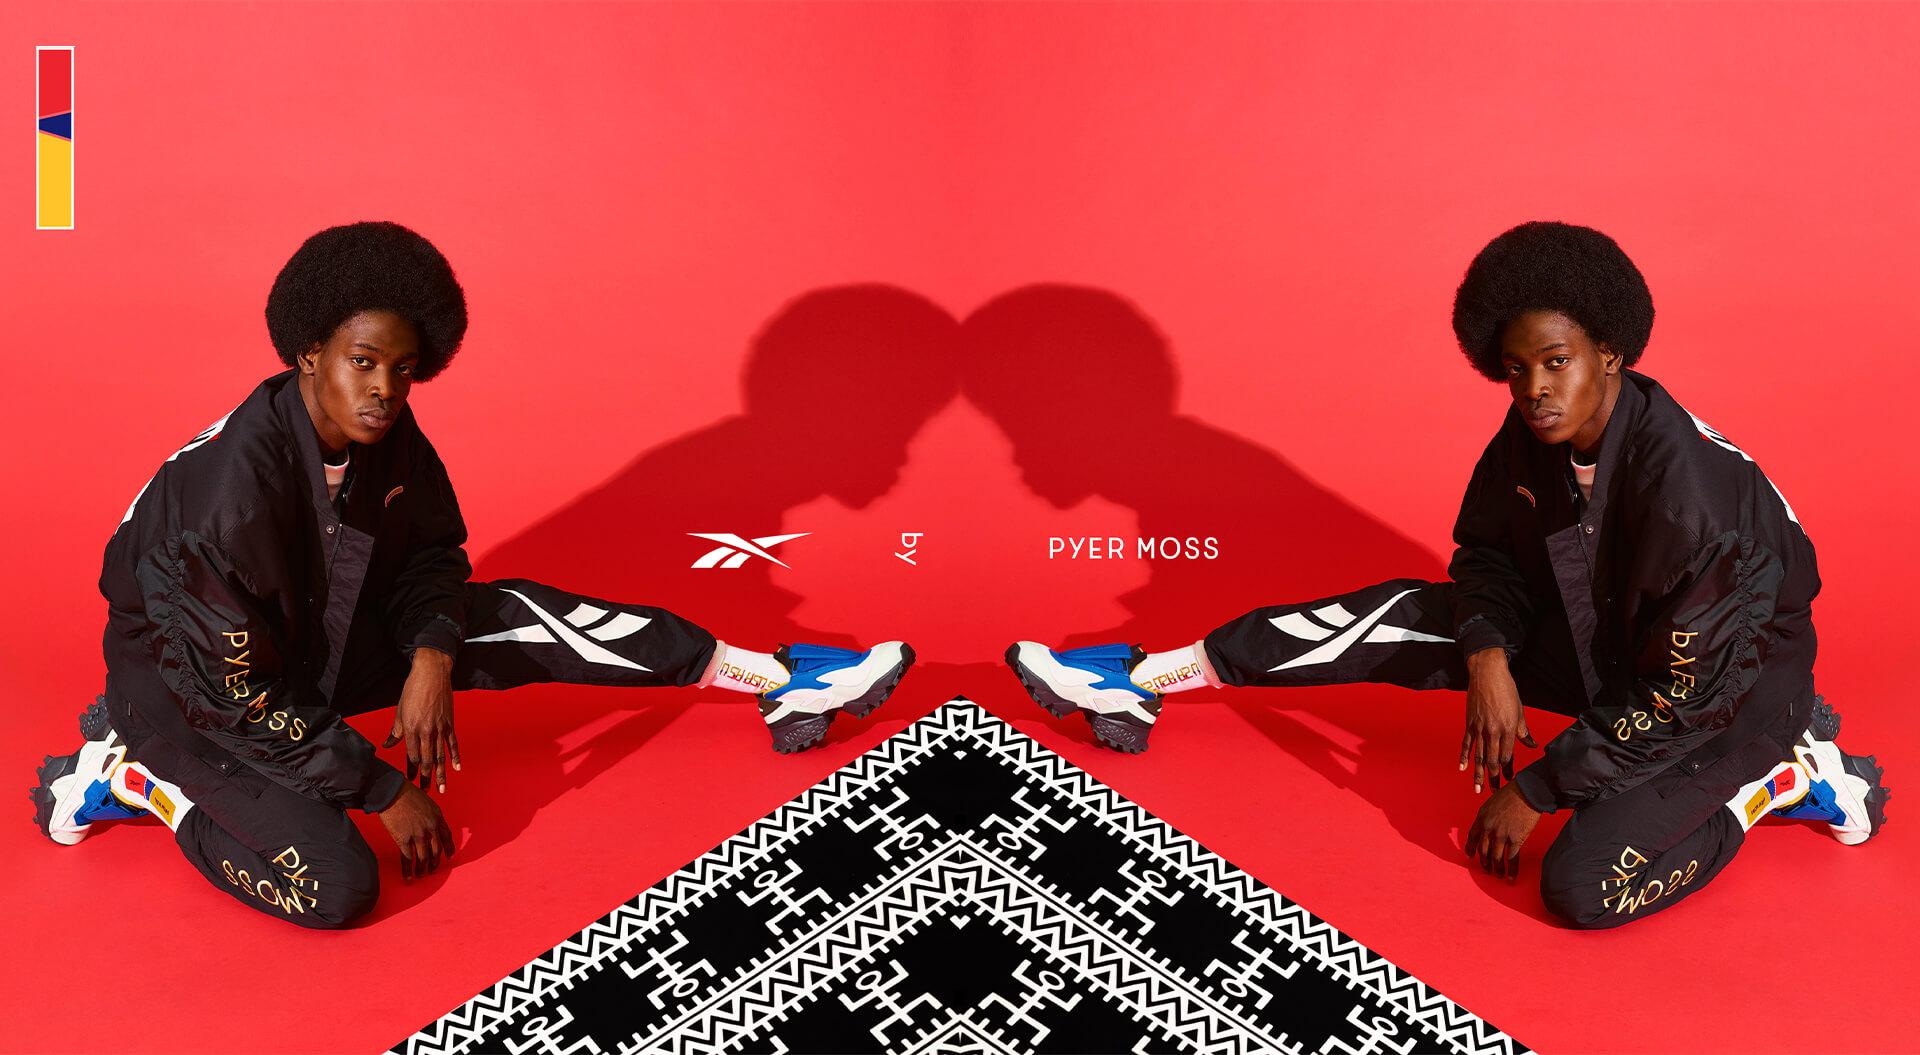 リーボックとPyer Mossのコラボコレクション第3弾が発売決定!話題のスニーカー『EXPERIMENT 4 FURY TRAIL』も登場 fashion20201013_newbalance_pyermoss_4